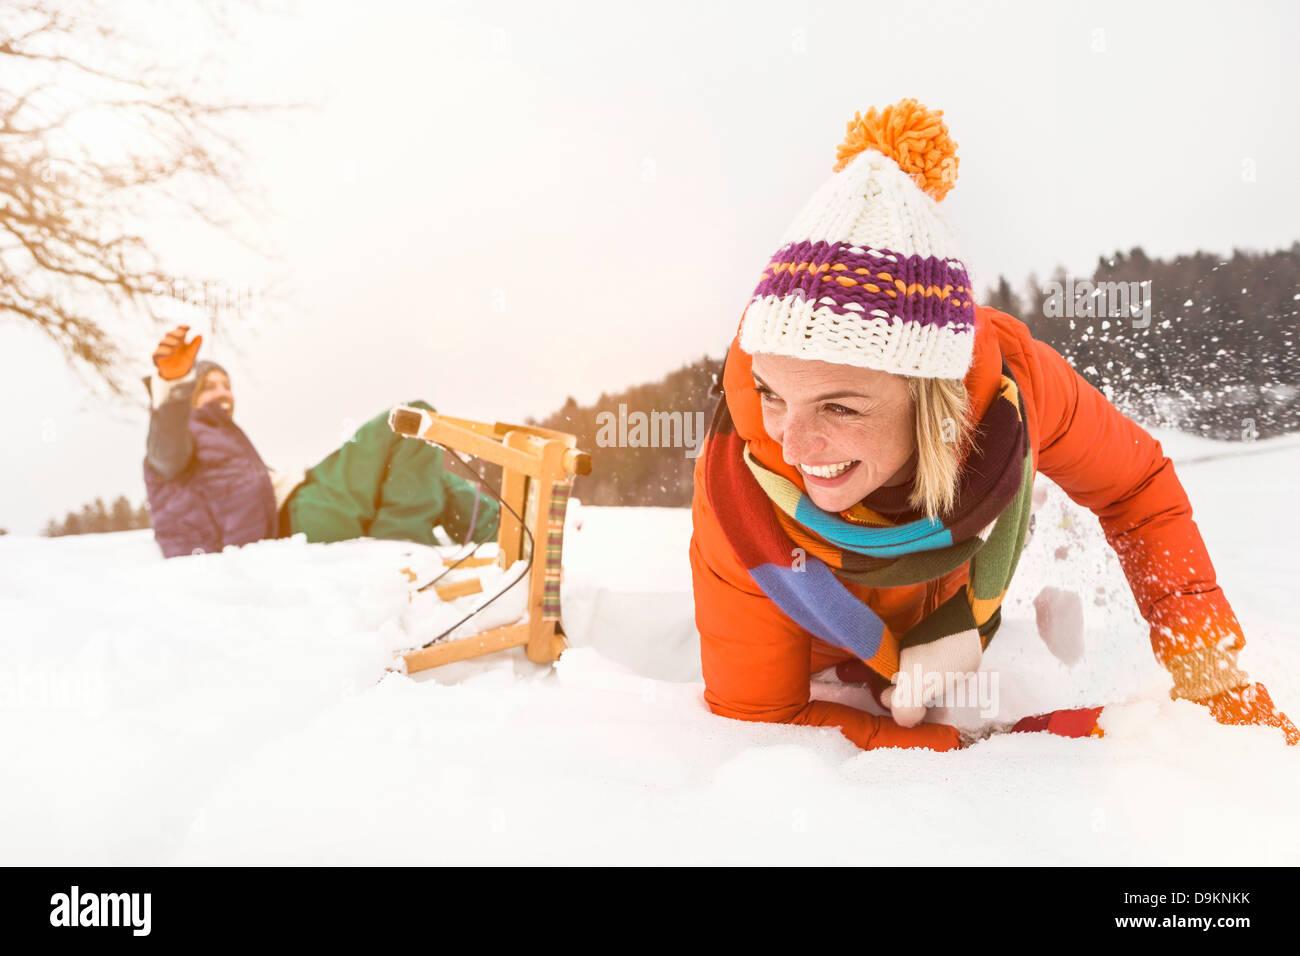 Paar herunterfallen Schlitten im Schnee Stockbild